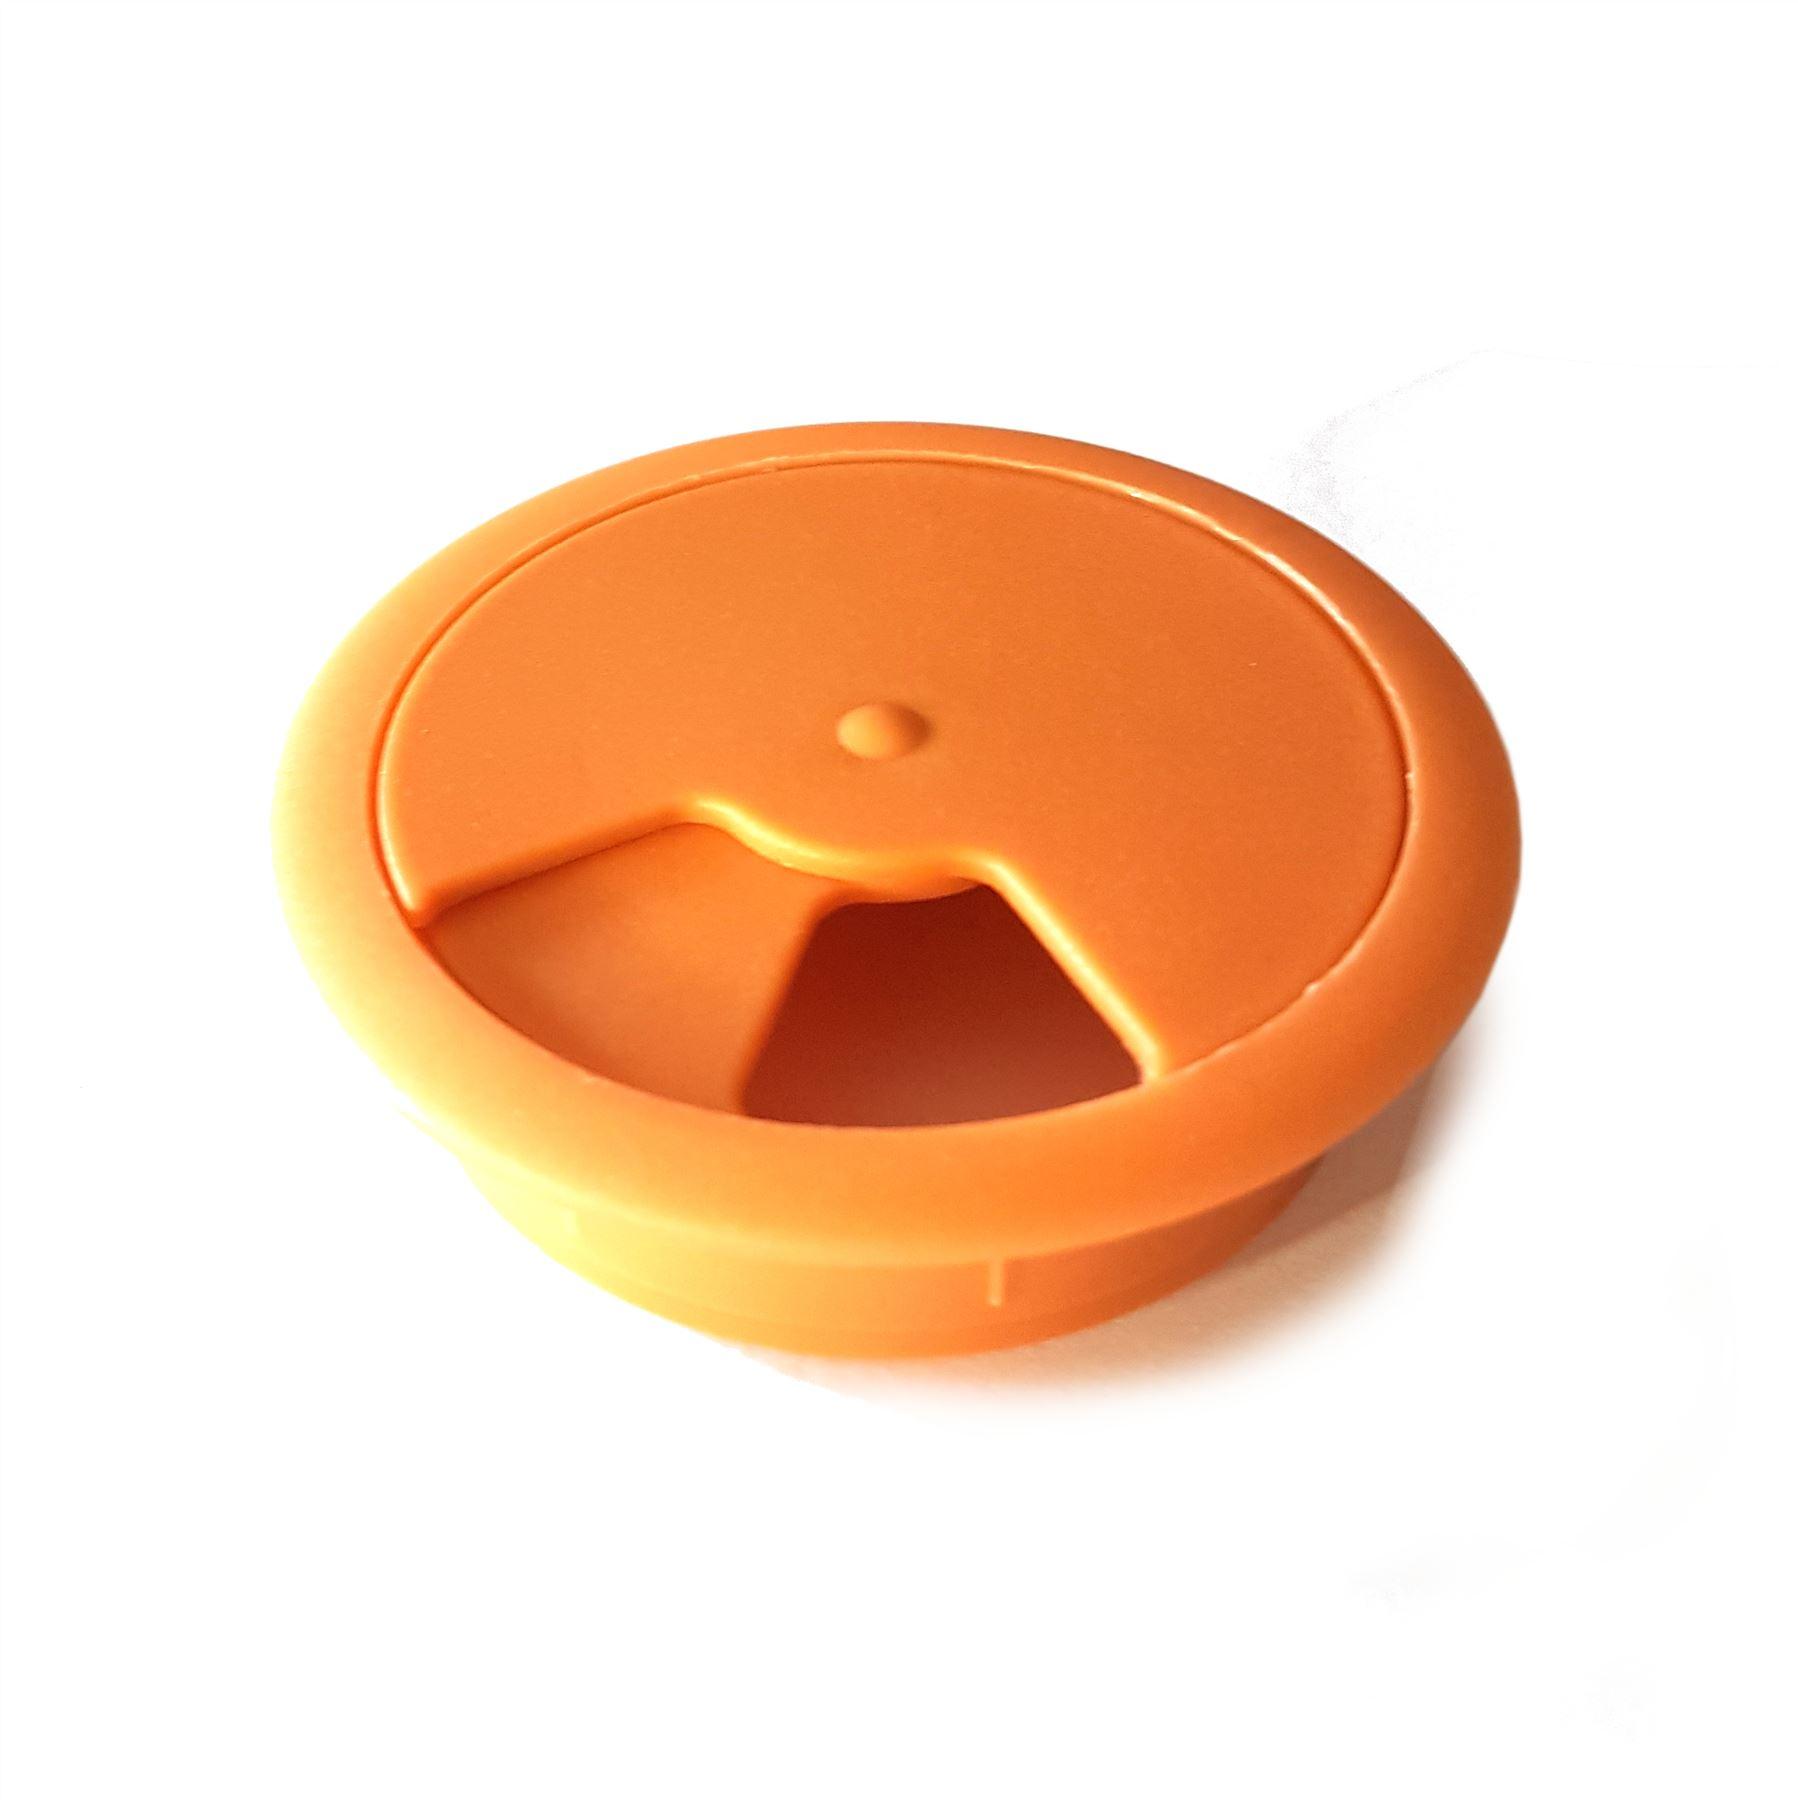 60mm-pc-computer-Scrivania-da-PLASTICA-PASSACAVO-tabella-cavo-ordinato-wire-Hole-copertura miniatura 68